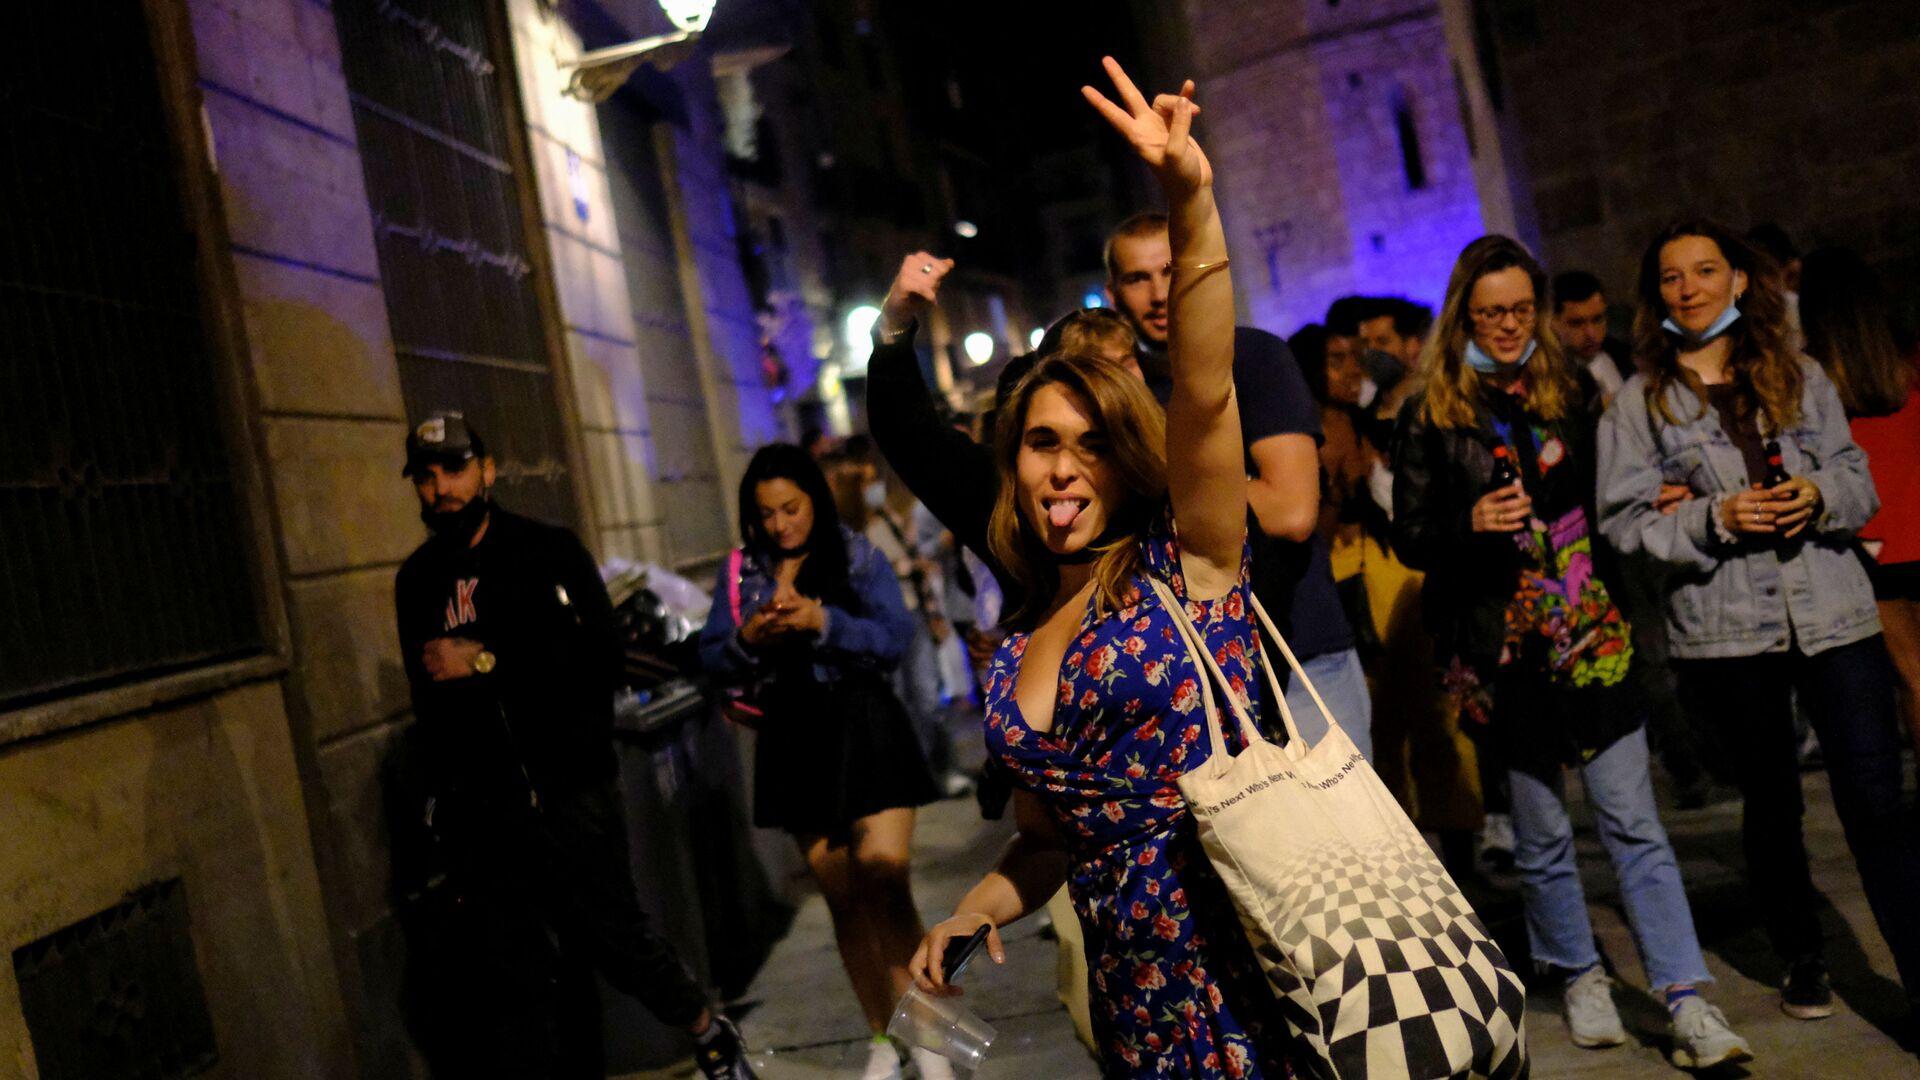 Persone felici a Barcellona dopo la revoca dello d'emergenza nazionale in Spagna - Sputnik Italia, 1920, 18.06.2021